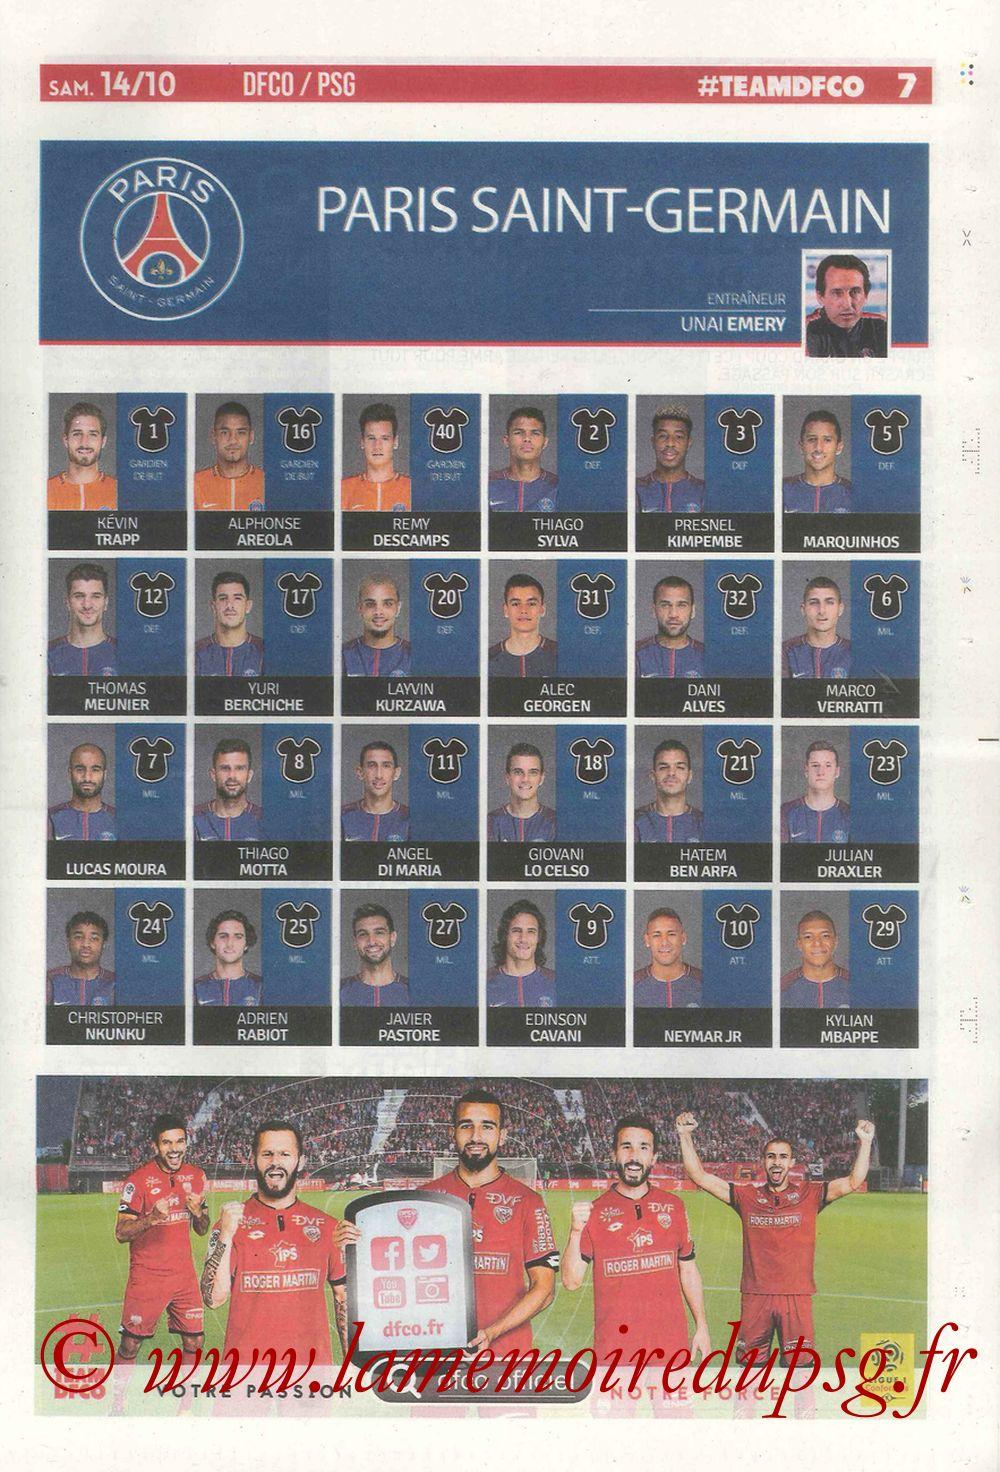 2017-10-14  Dijon-PSG (9ème L1, Chouett'Infos N°5) - Page 07